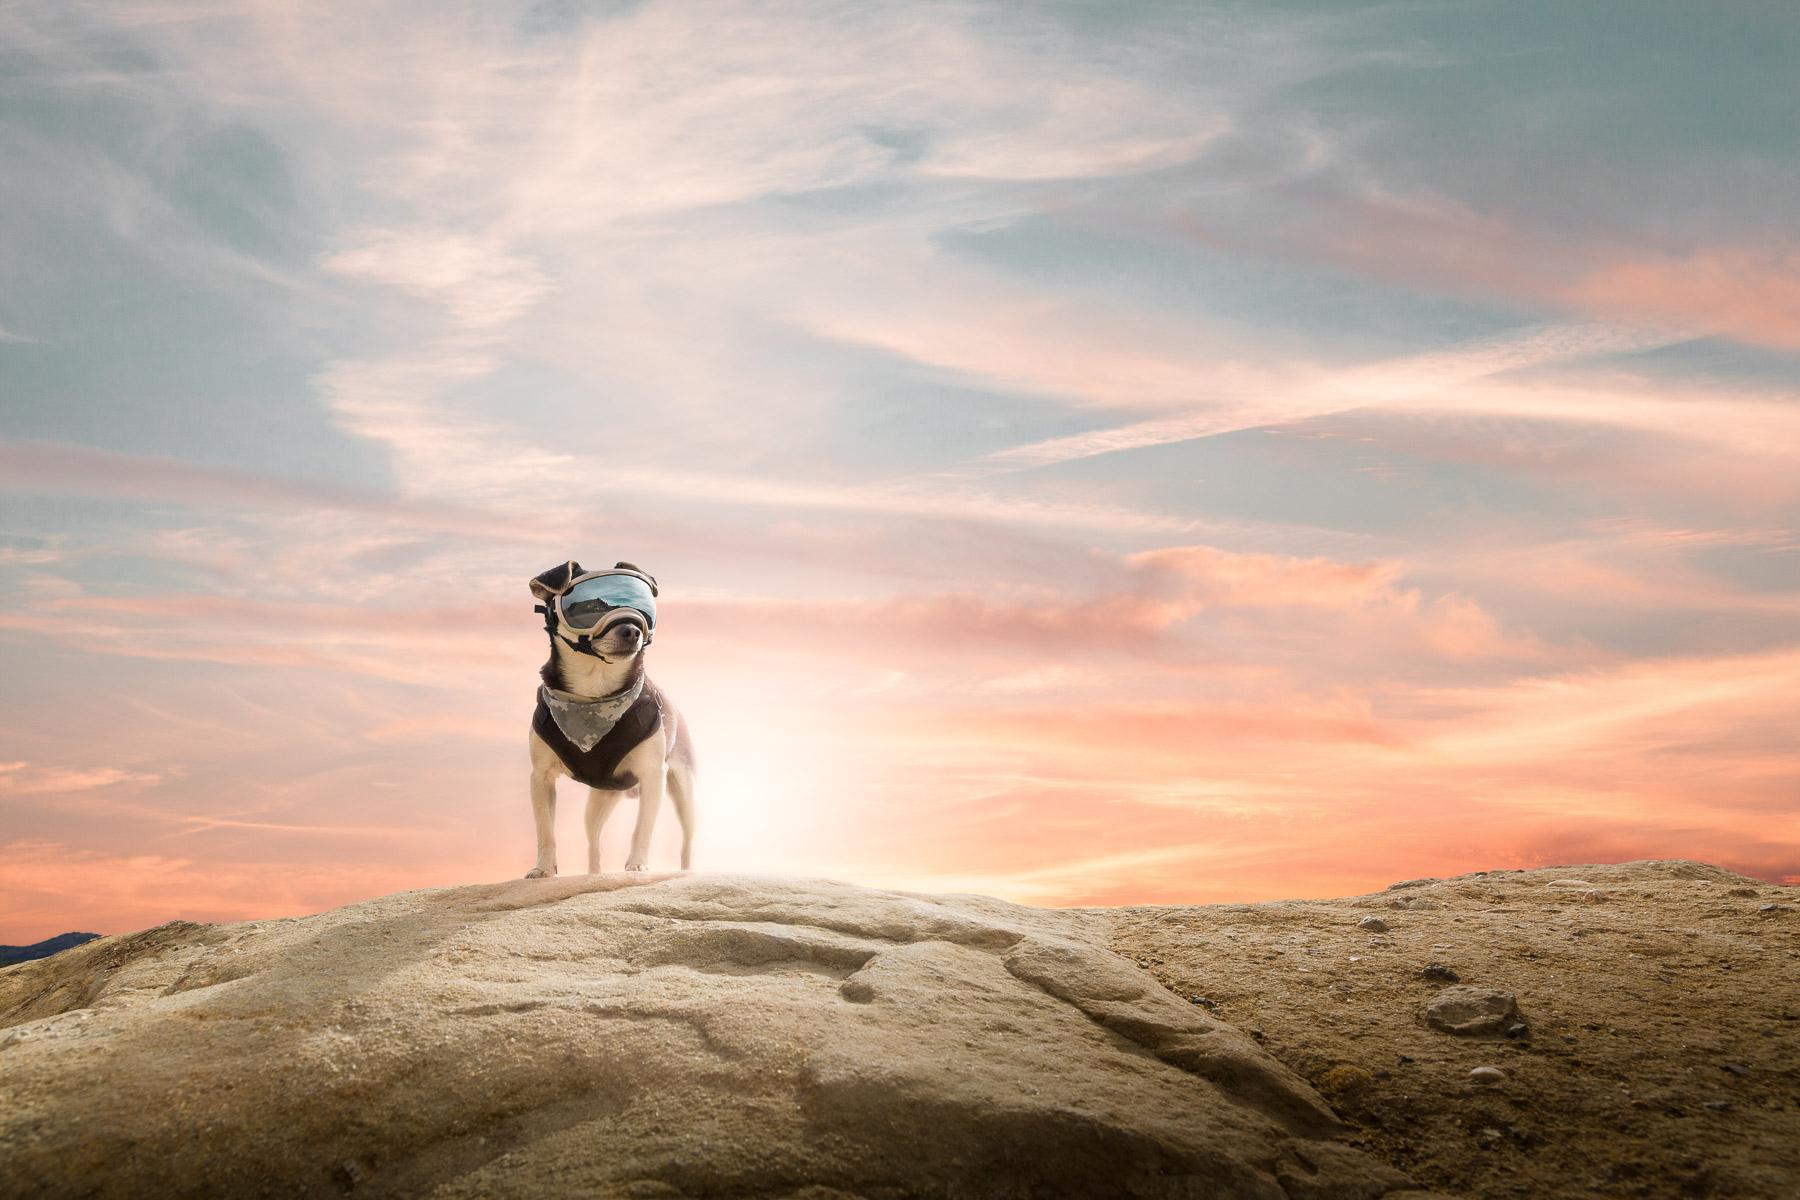 dog-on-rock-sunset-dog-photography.jpg